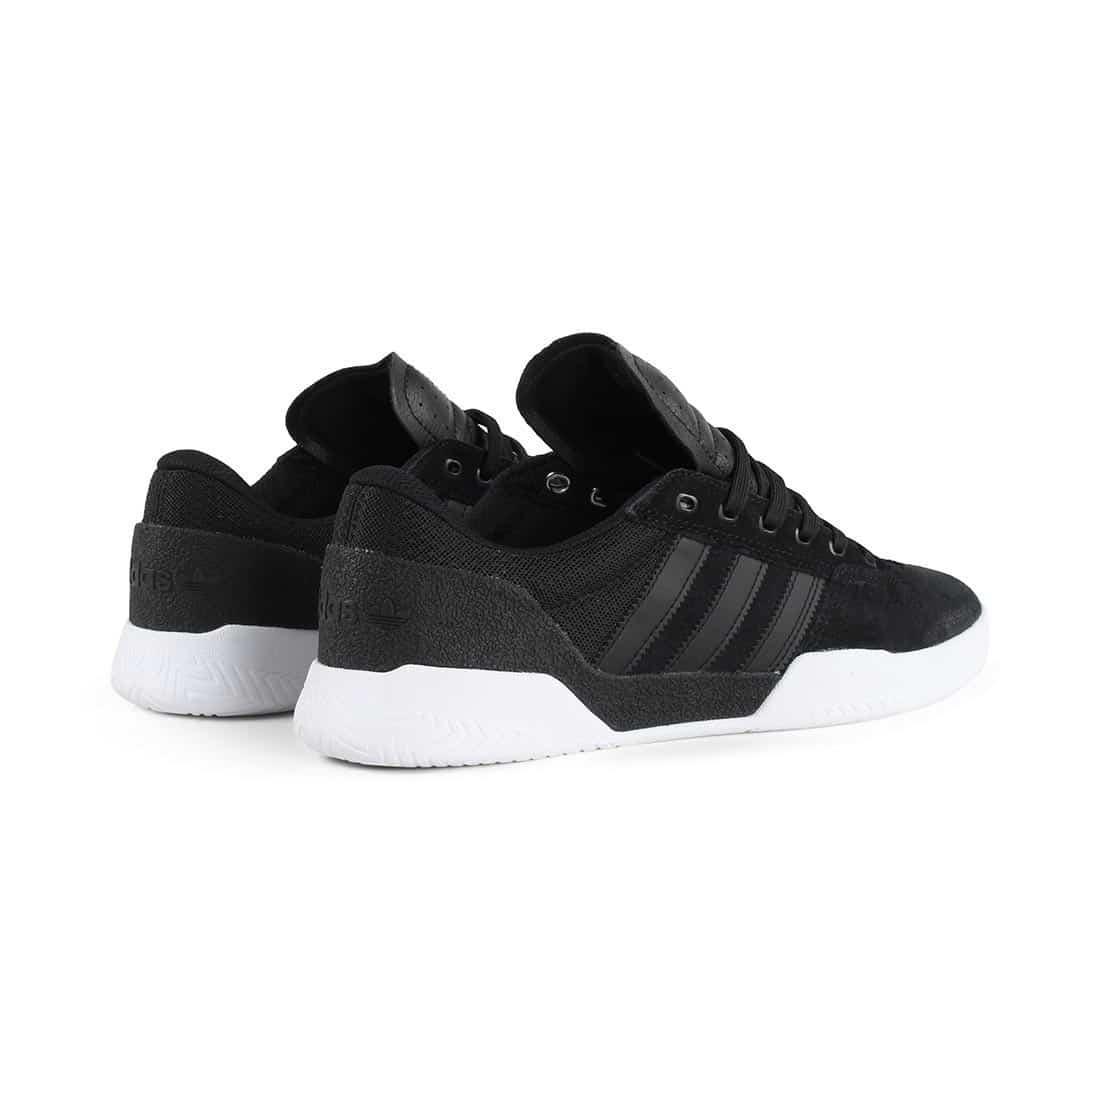 Adidas City Cup Shoes Core Black Core Black White